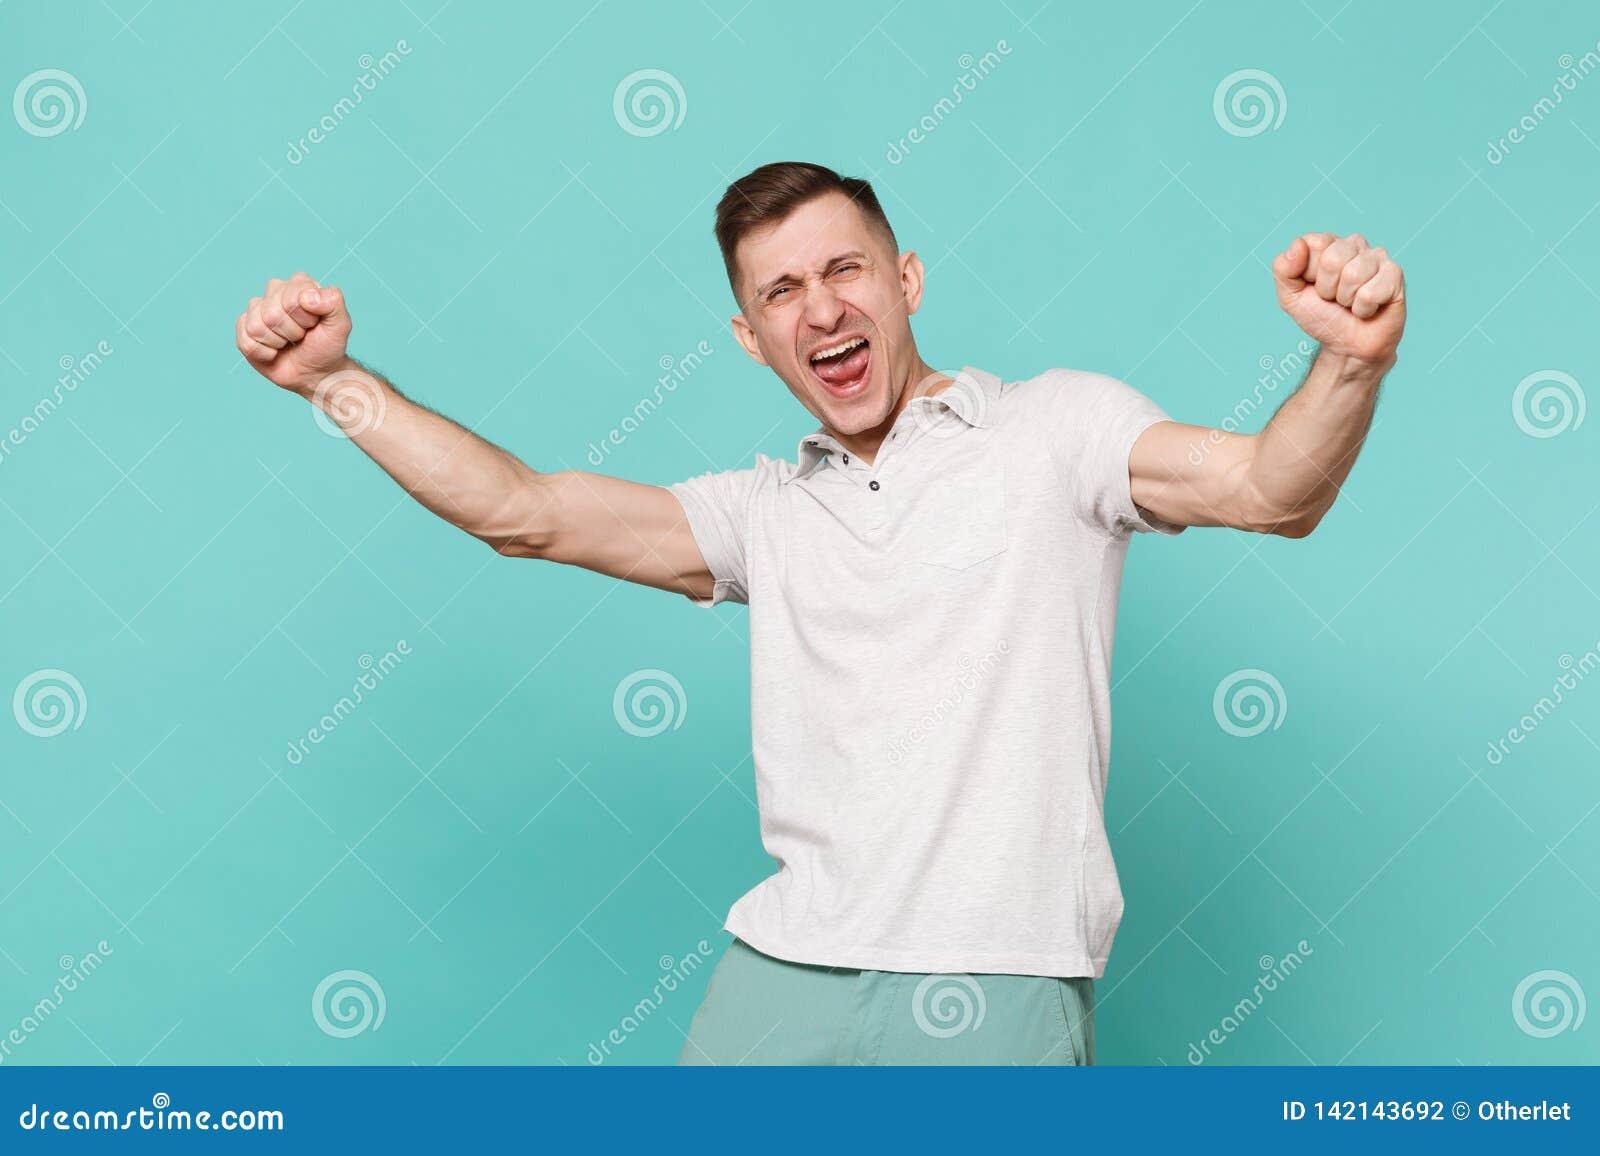 Retrato del hombre joven de griterío extático en puños de apretón de la ropa casual como el ganador aislado en la turquesa azul